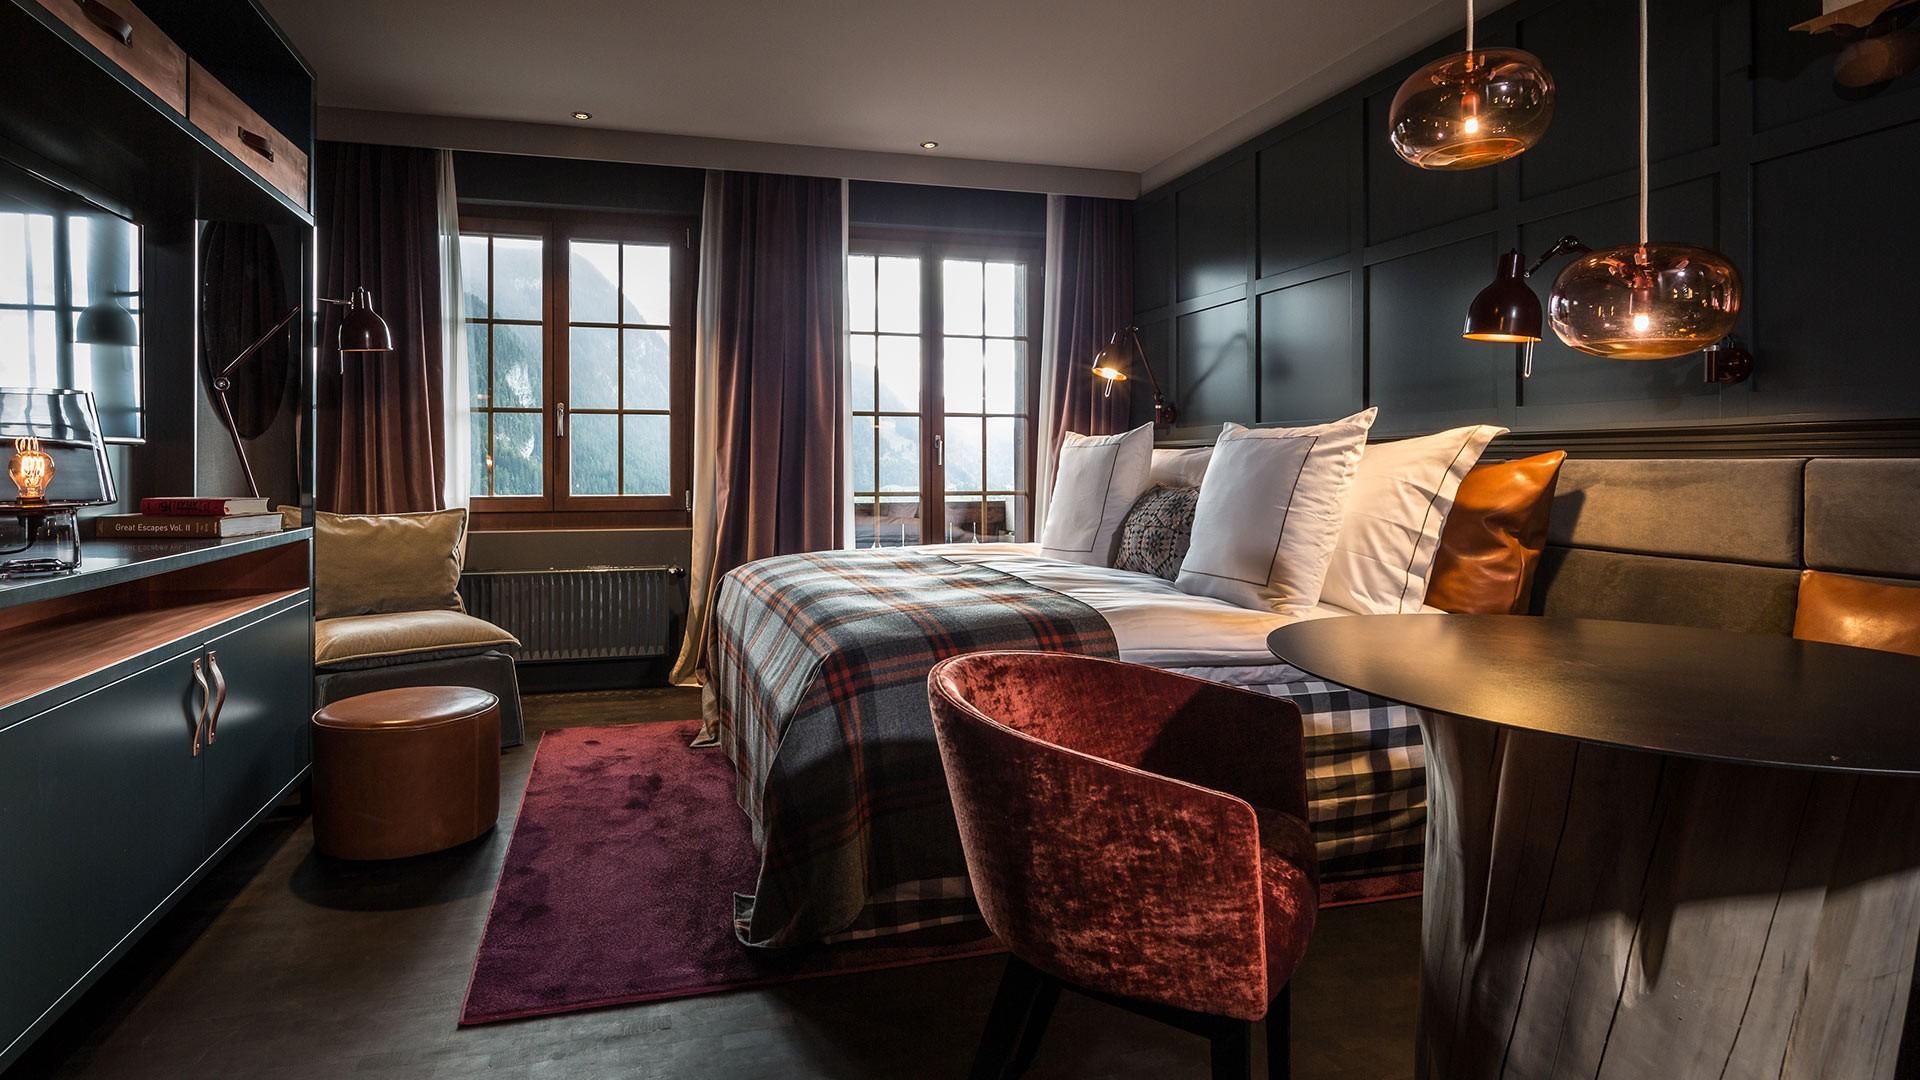 Fondos de pantalla luces ventana habitaci n cama for Luces interiores